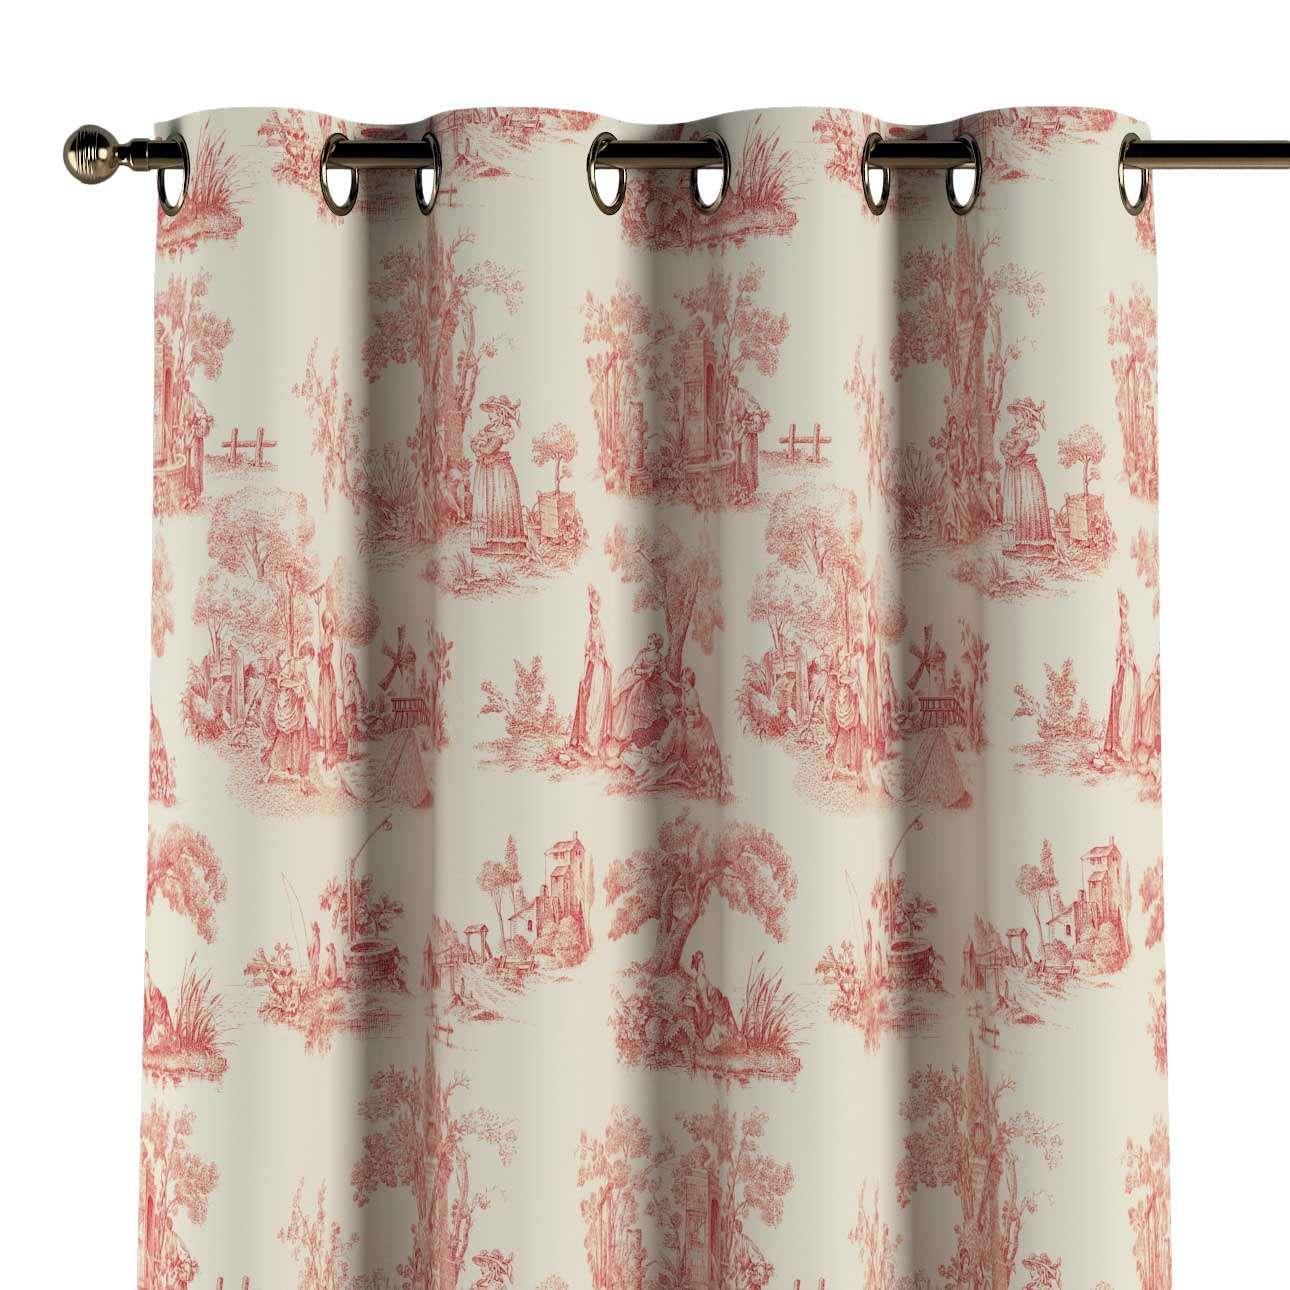 Zasłona na kółkach 1 szt. 1szt 130x260 cm w kolekcji Avinon, tkanina: 132-15